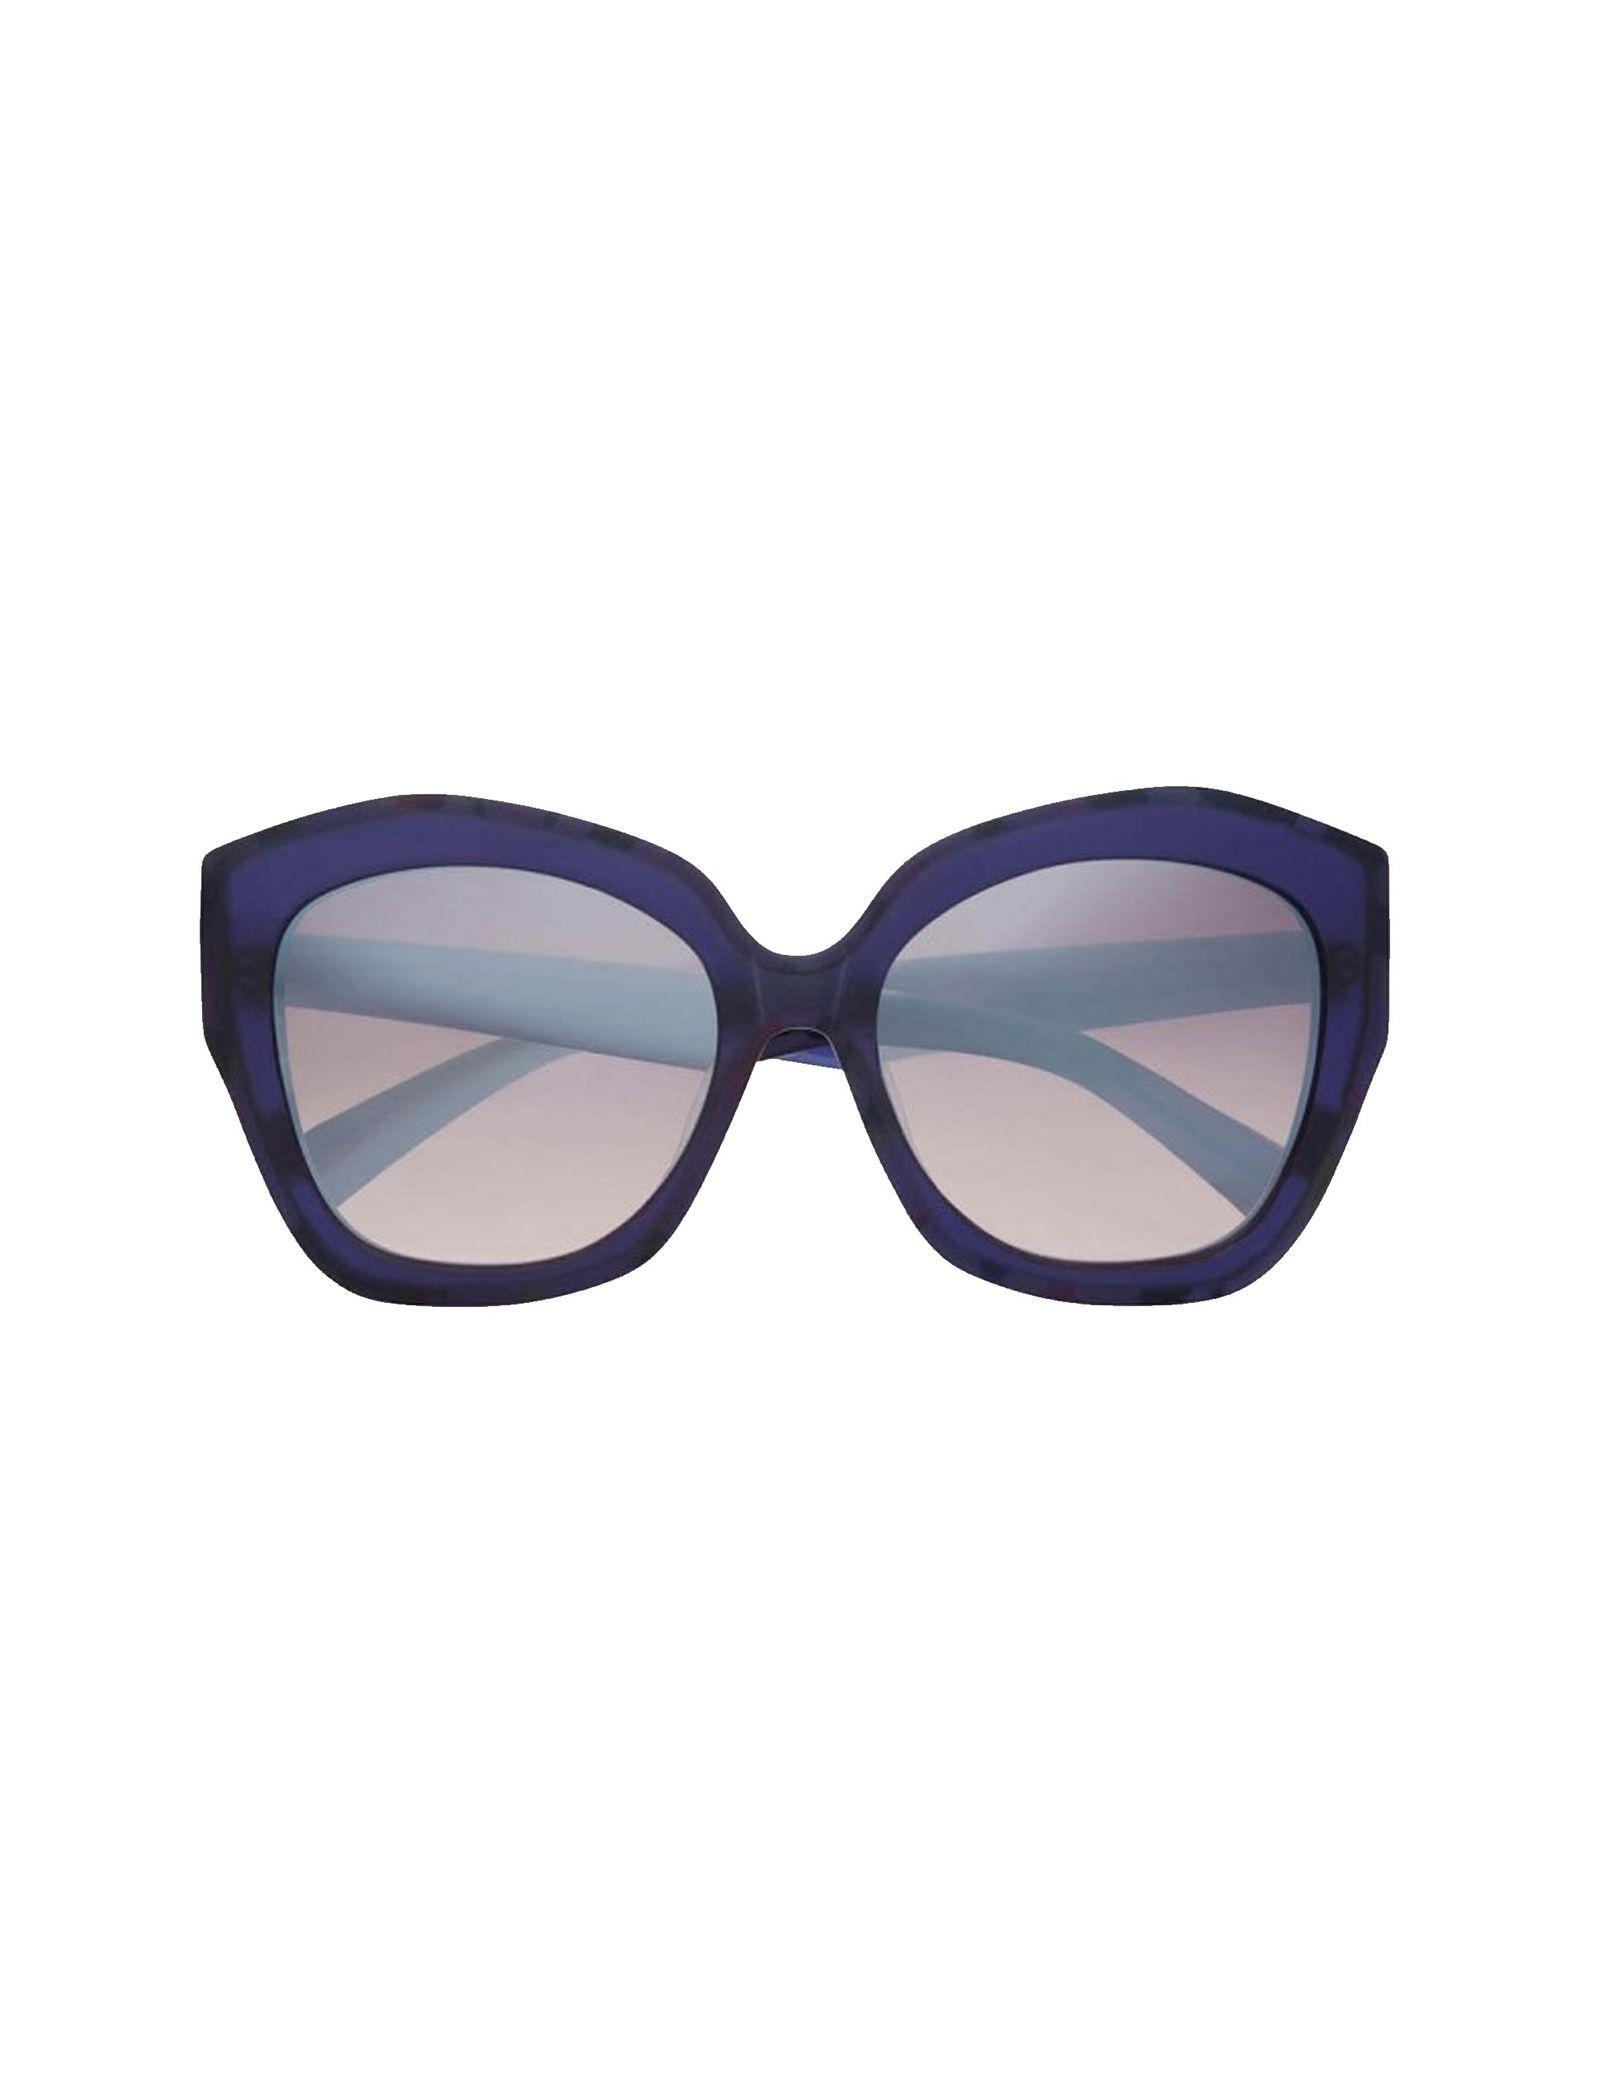 عینک آفتابی گربه ای زنانه - کریستین لاکروآ - آبي - 1